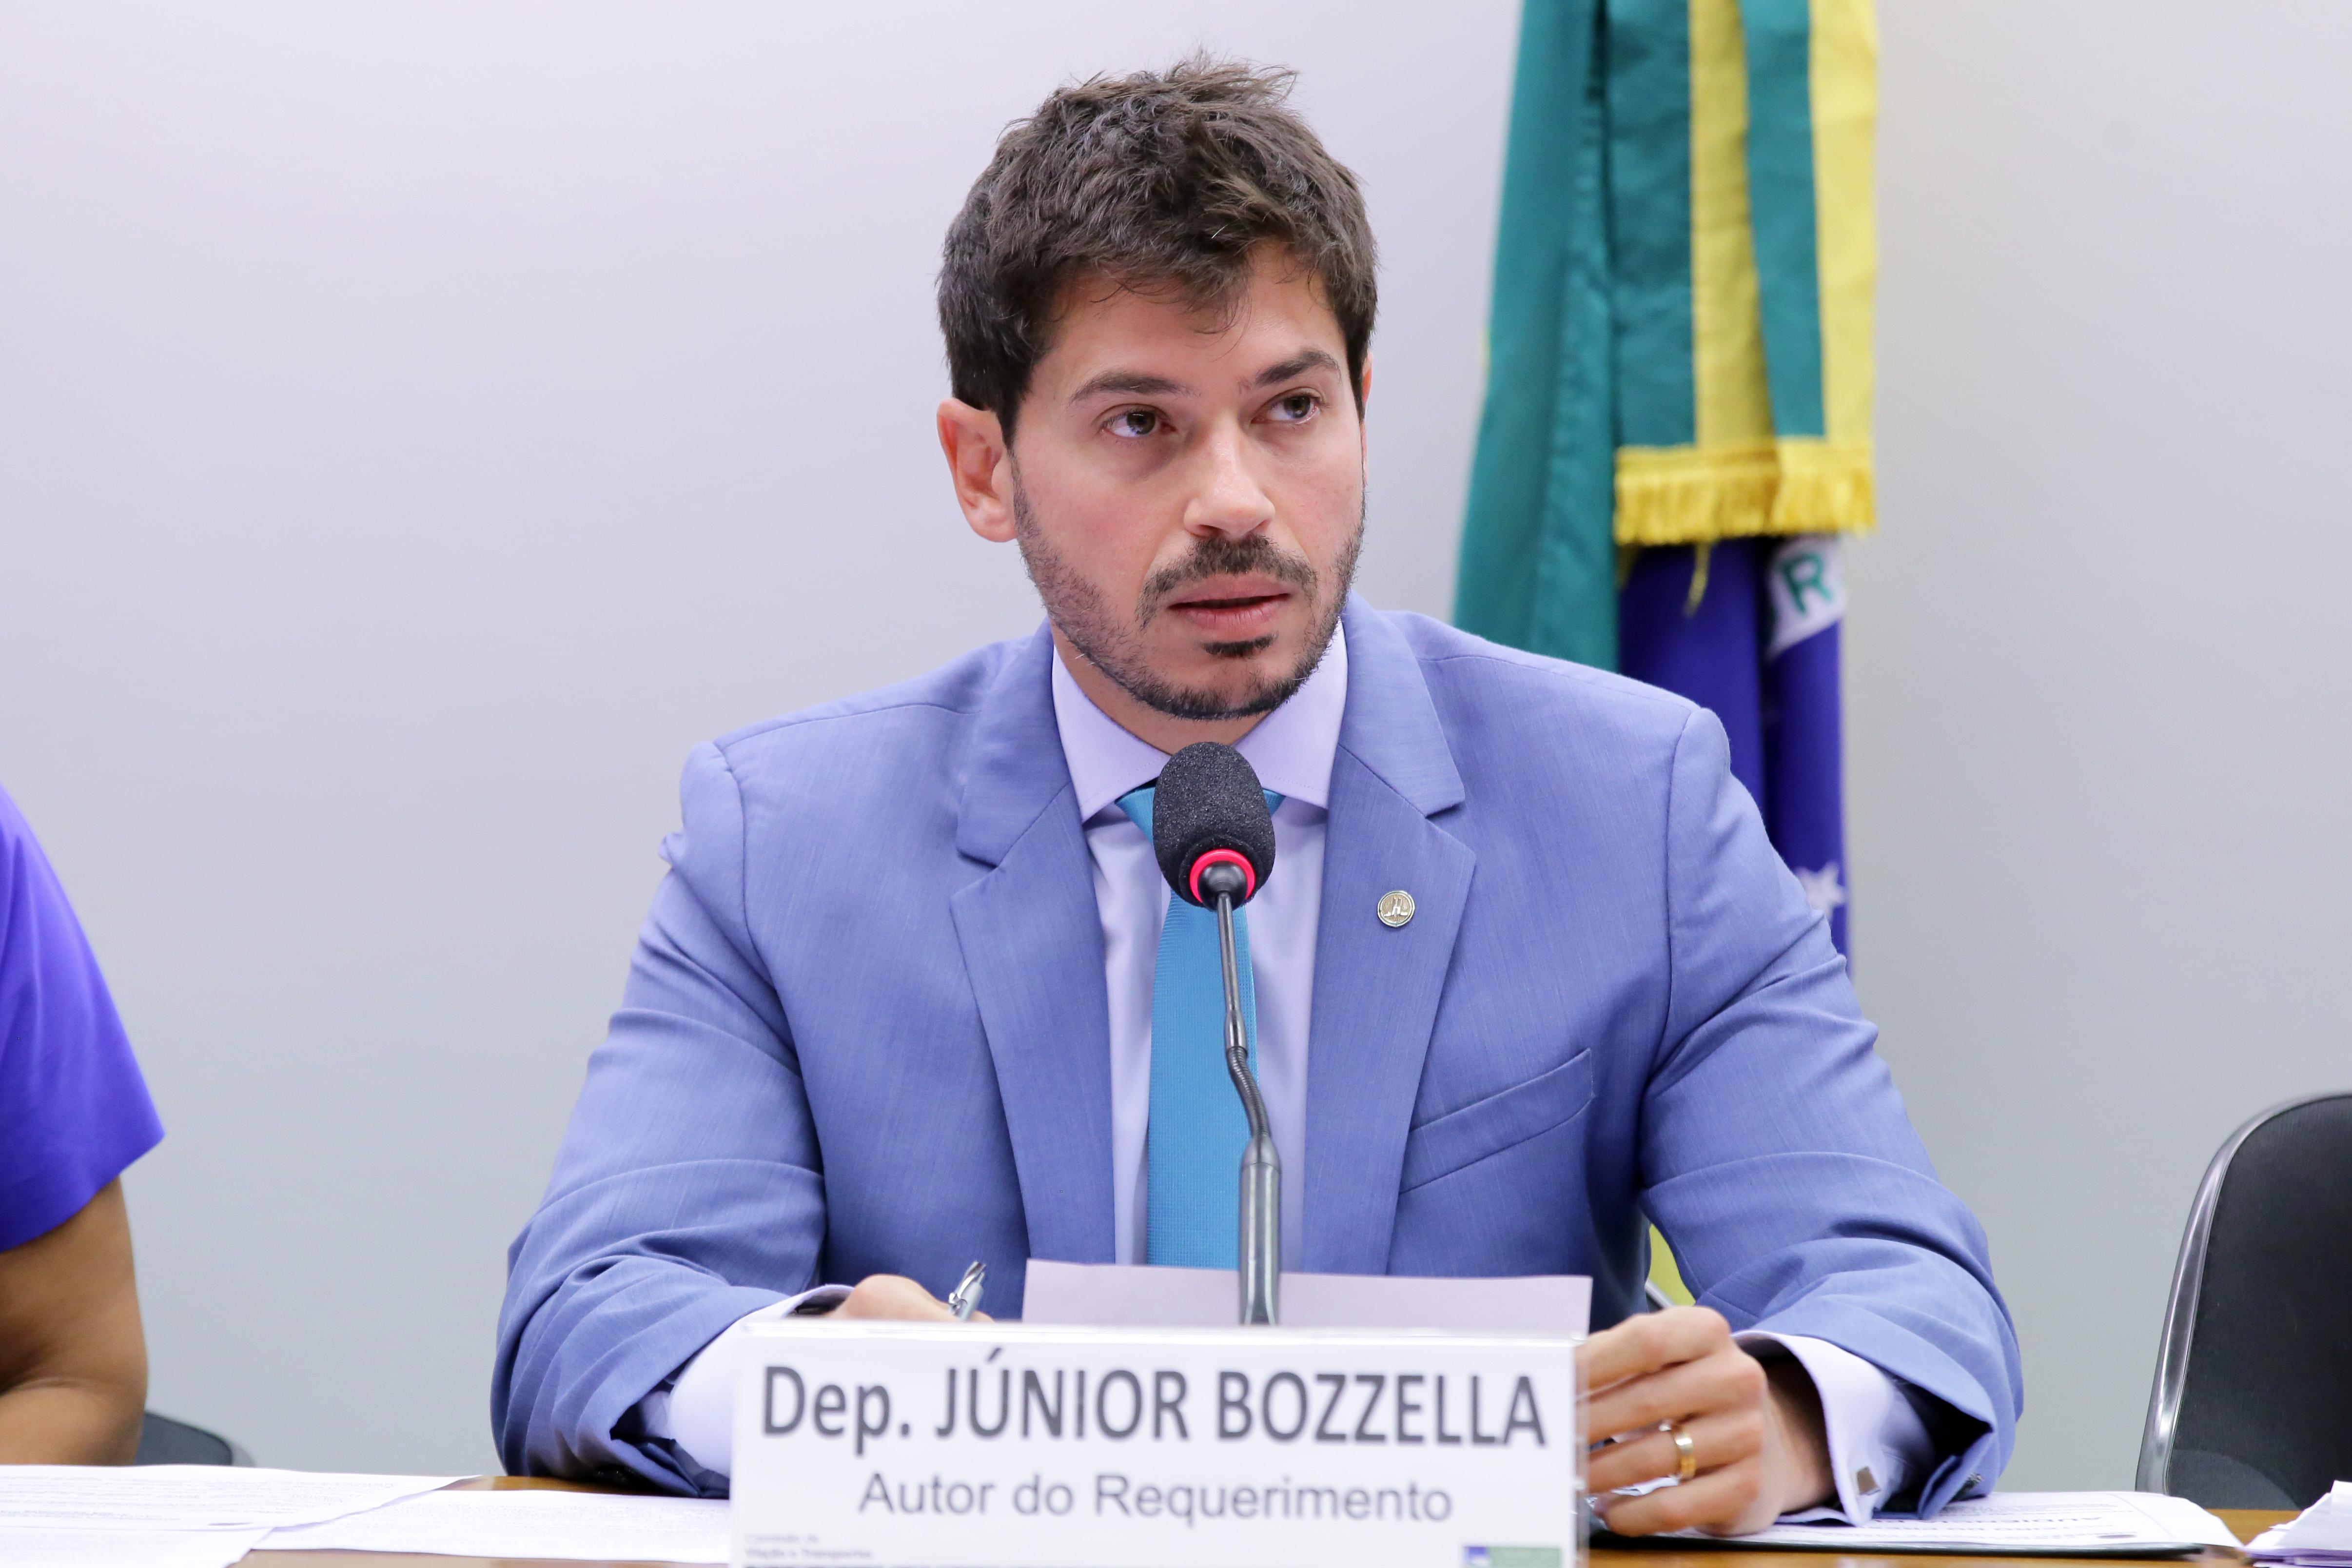 IMAGEM: 'Orçamento secreto é um escândalo pior que o mensalão', diz Júnior Bozzella